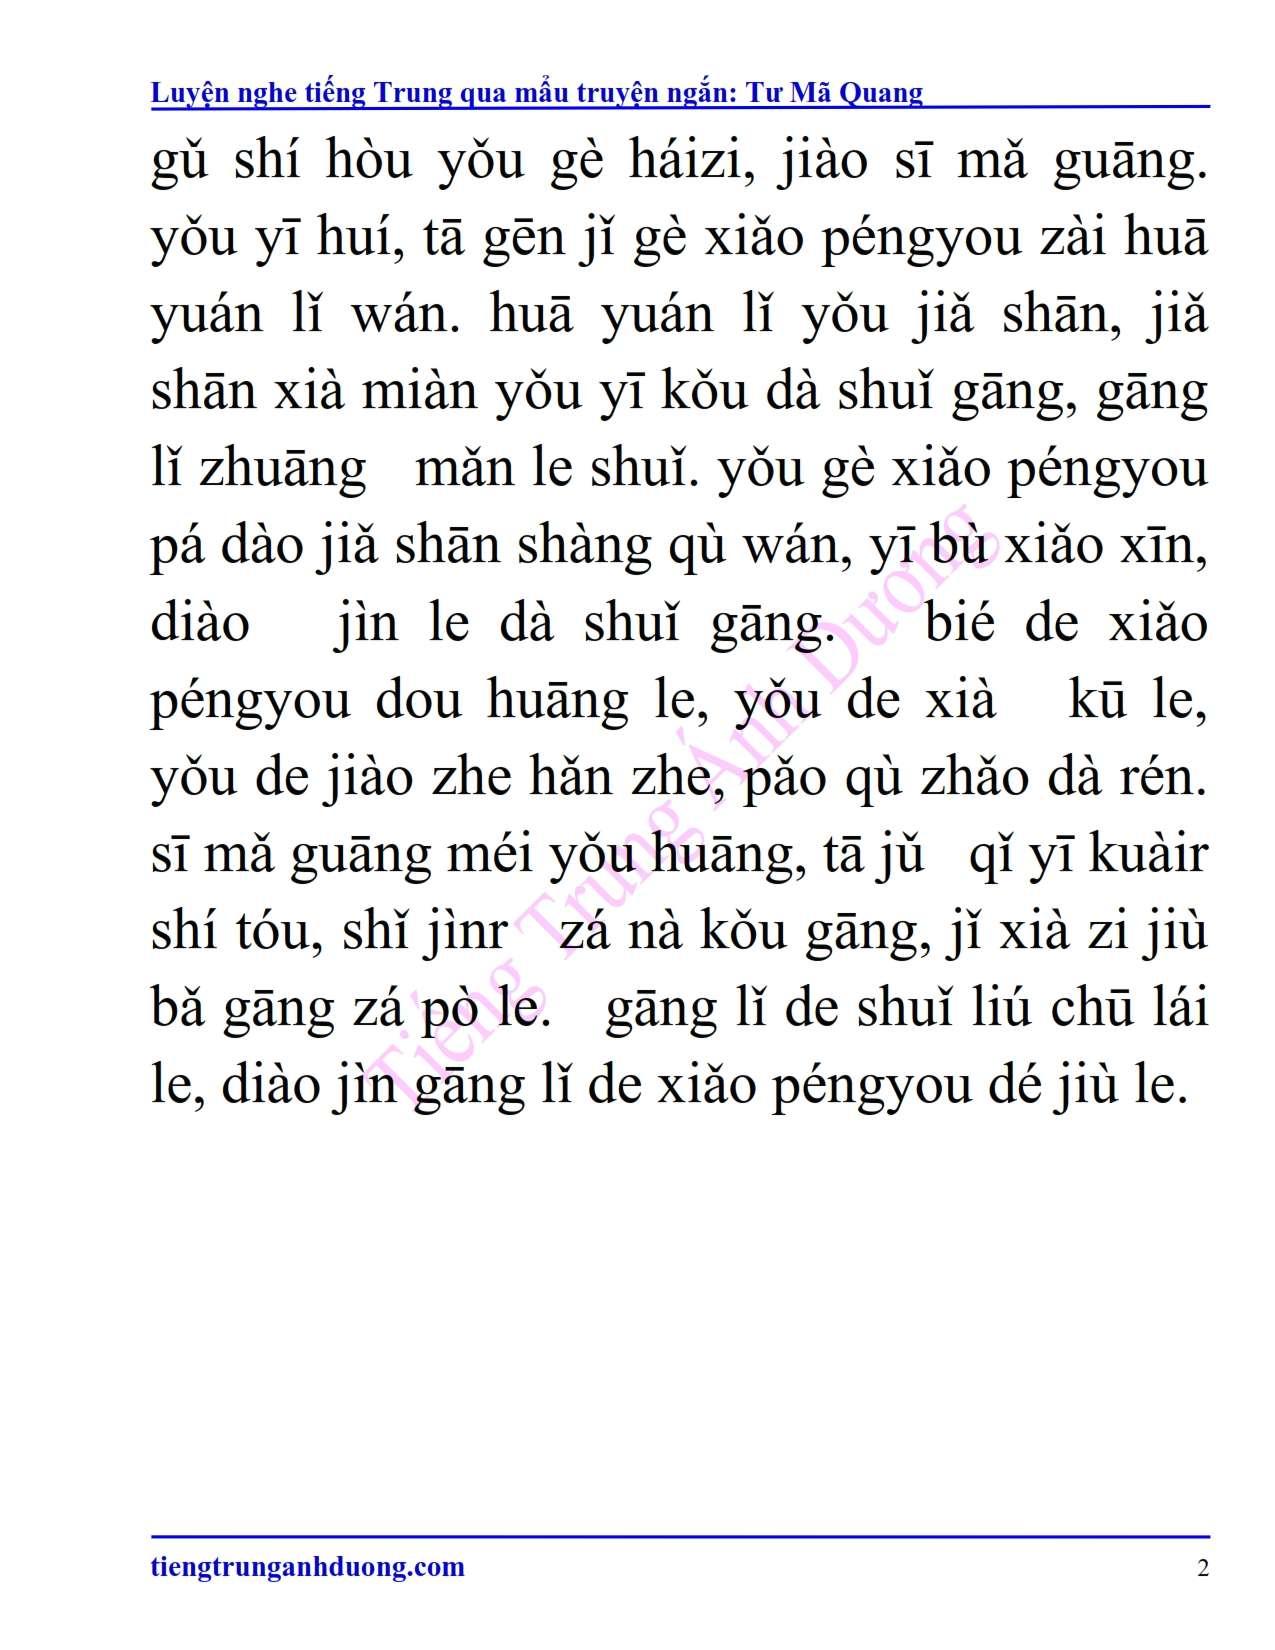 luyện nghe tiếng trung-Tư Mã Quang-002